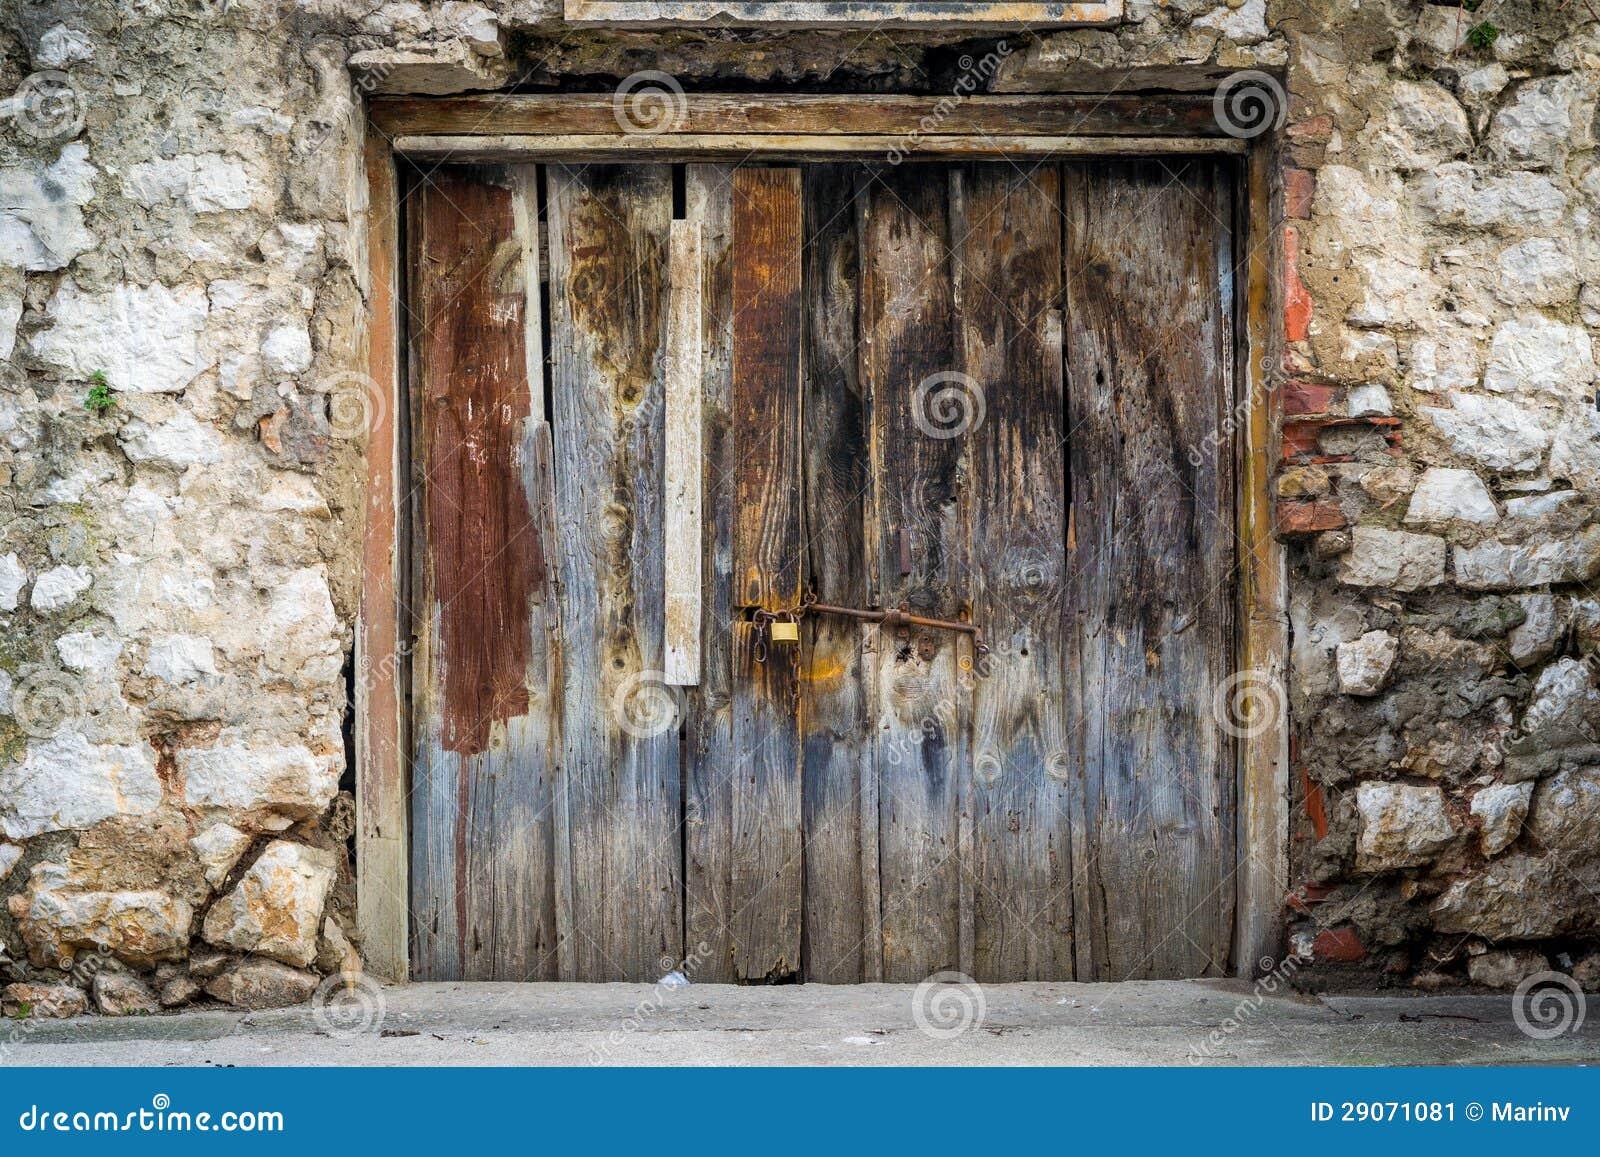 Old rustic wooden doors stock image image of building - Puertas de madera antiguas ...